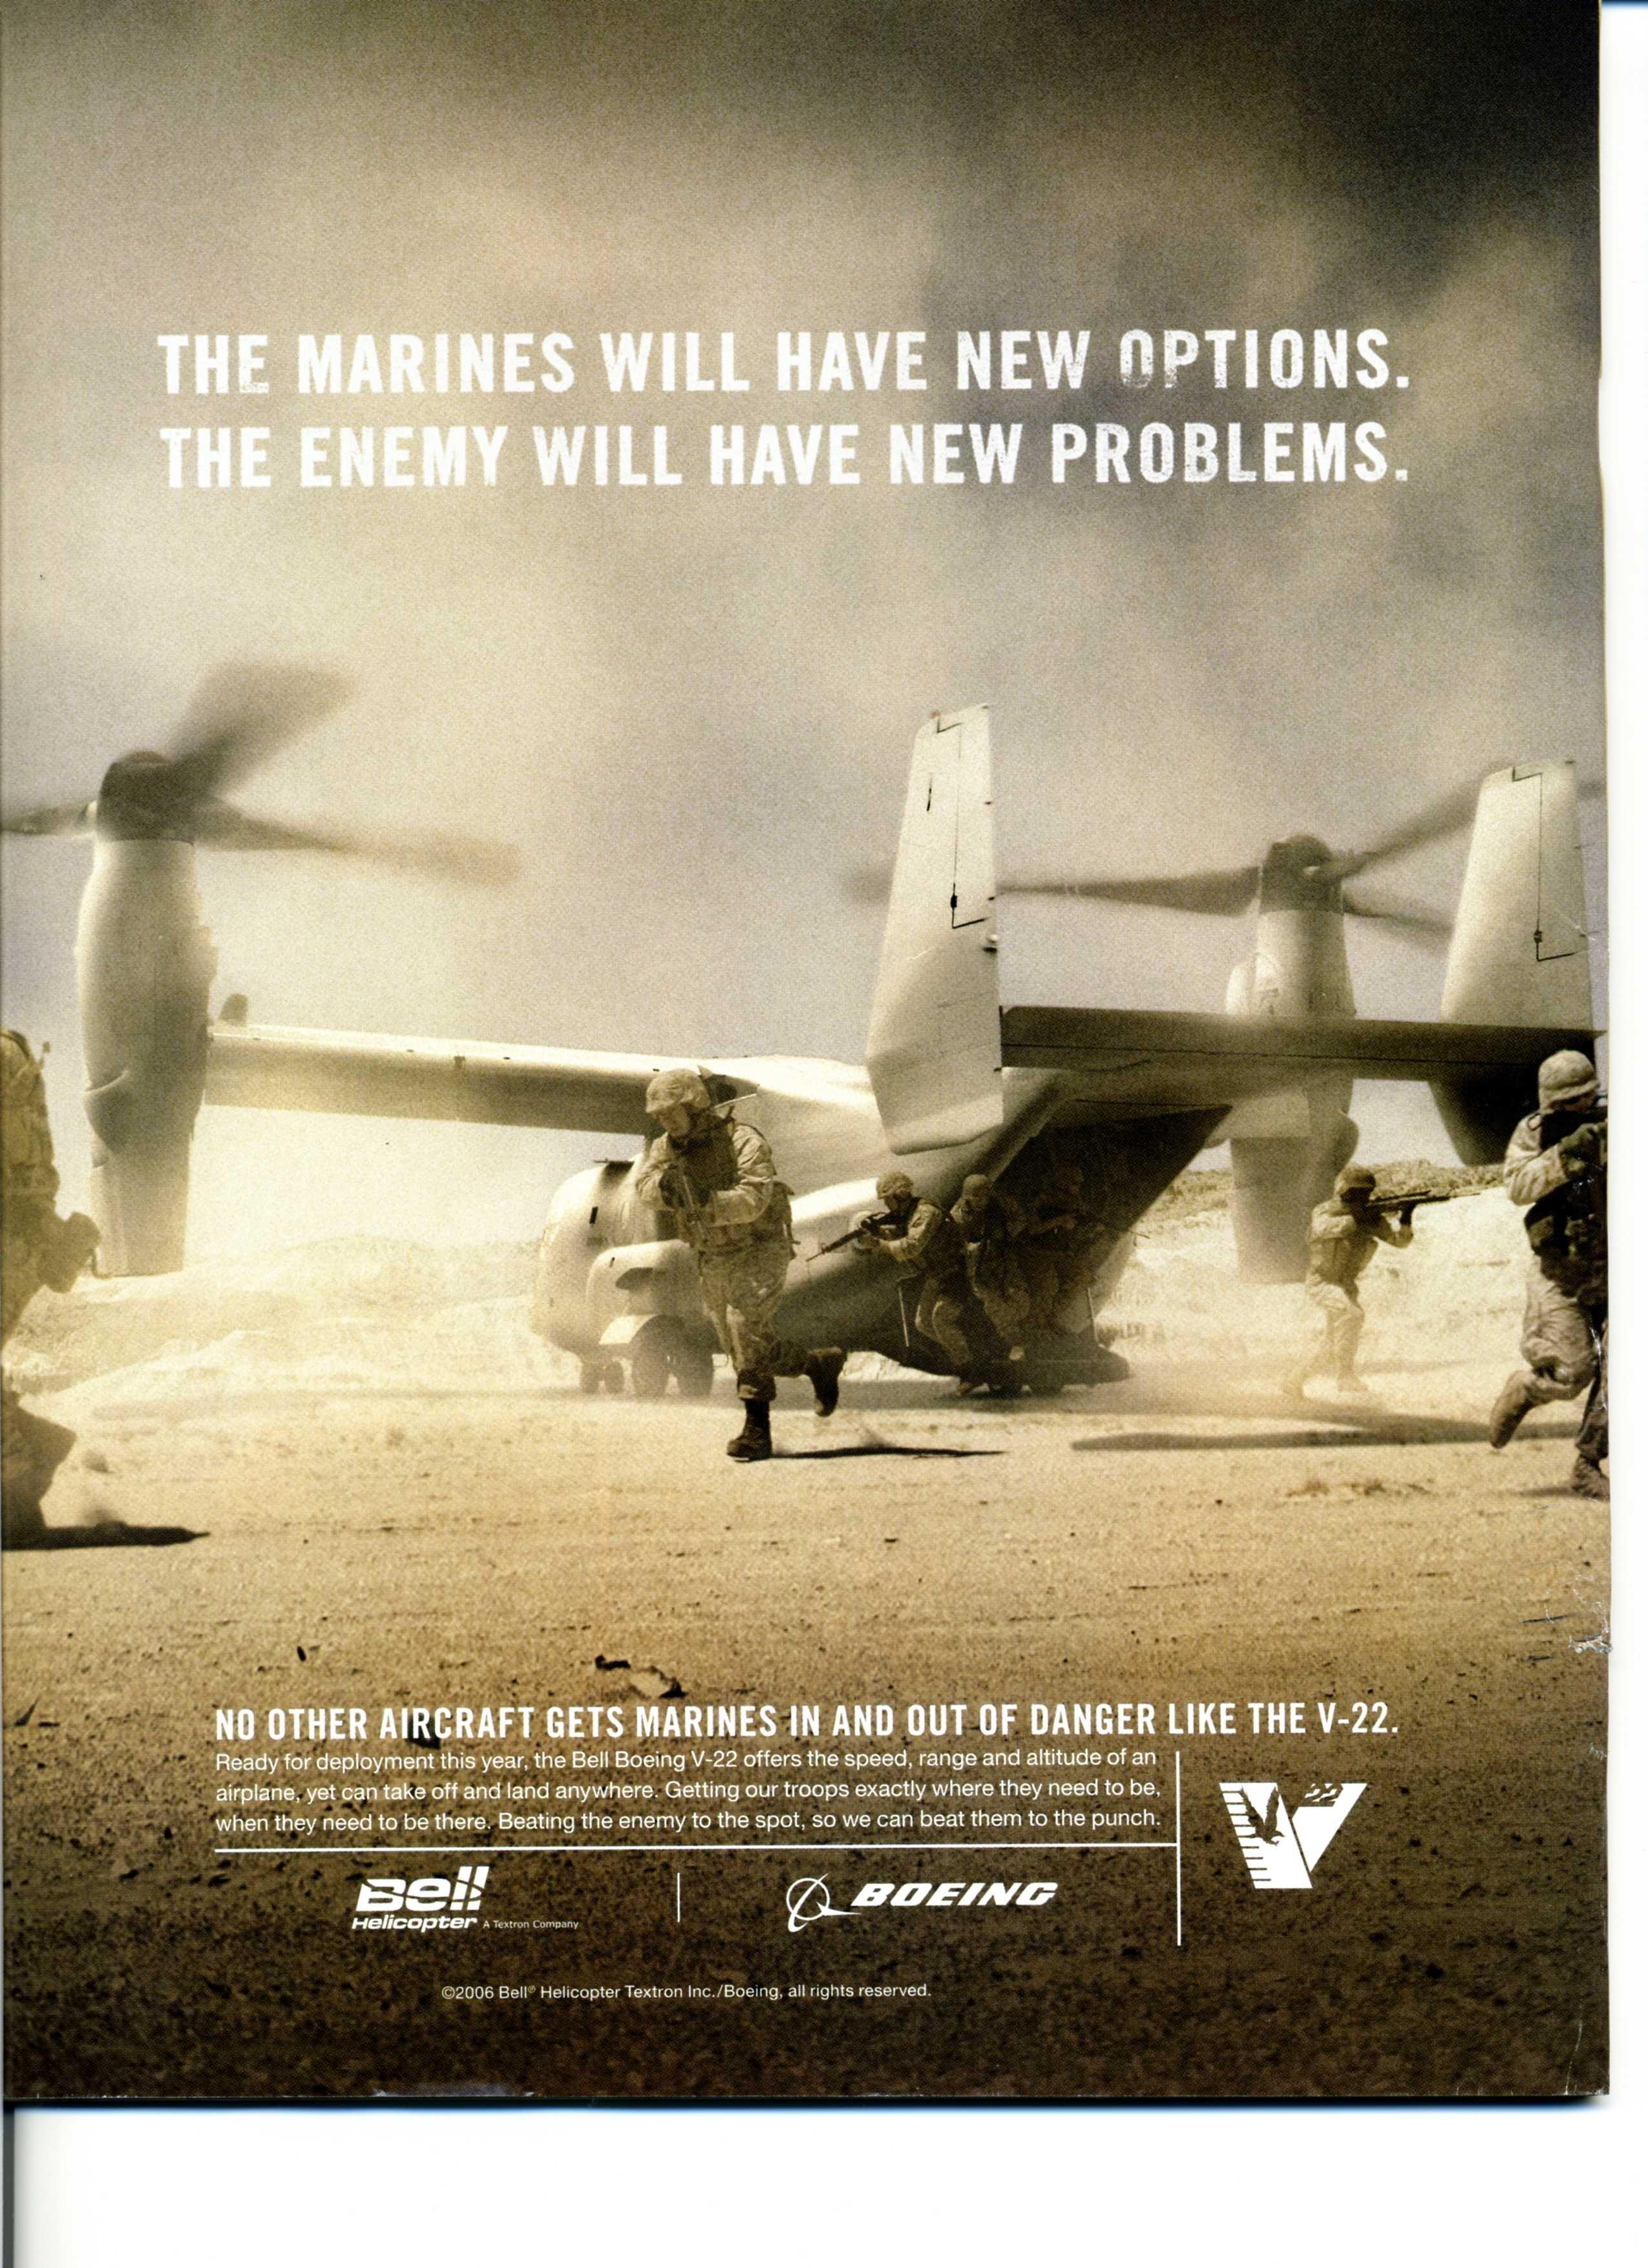 V-22 ad